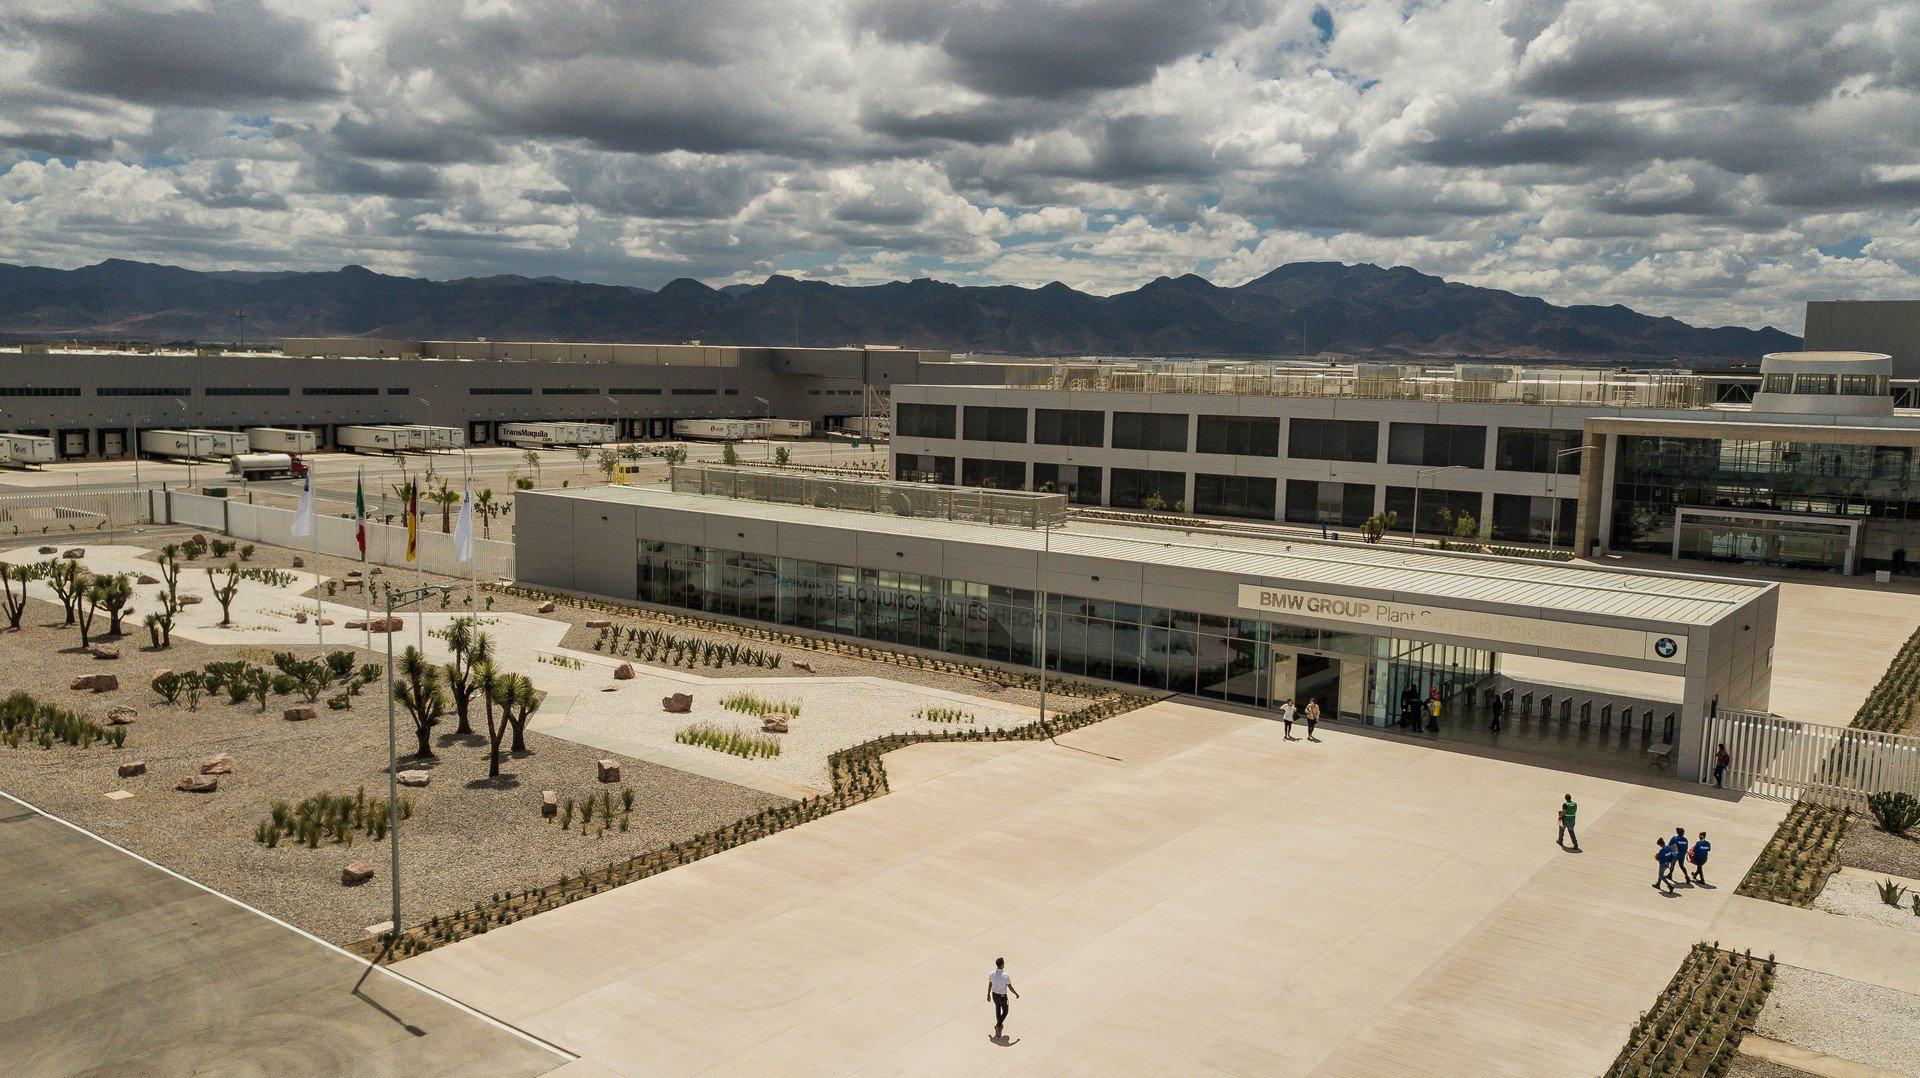 BMW-Mexico-Luis-Potosi-plant-12